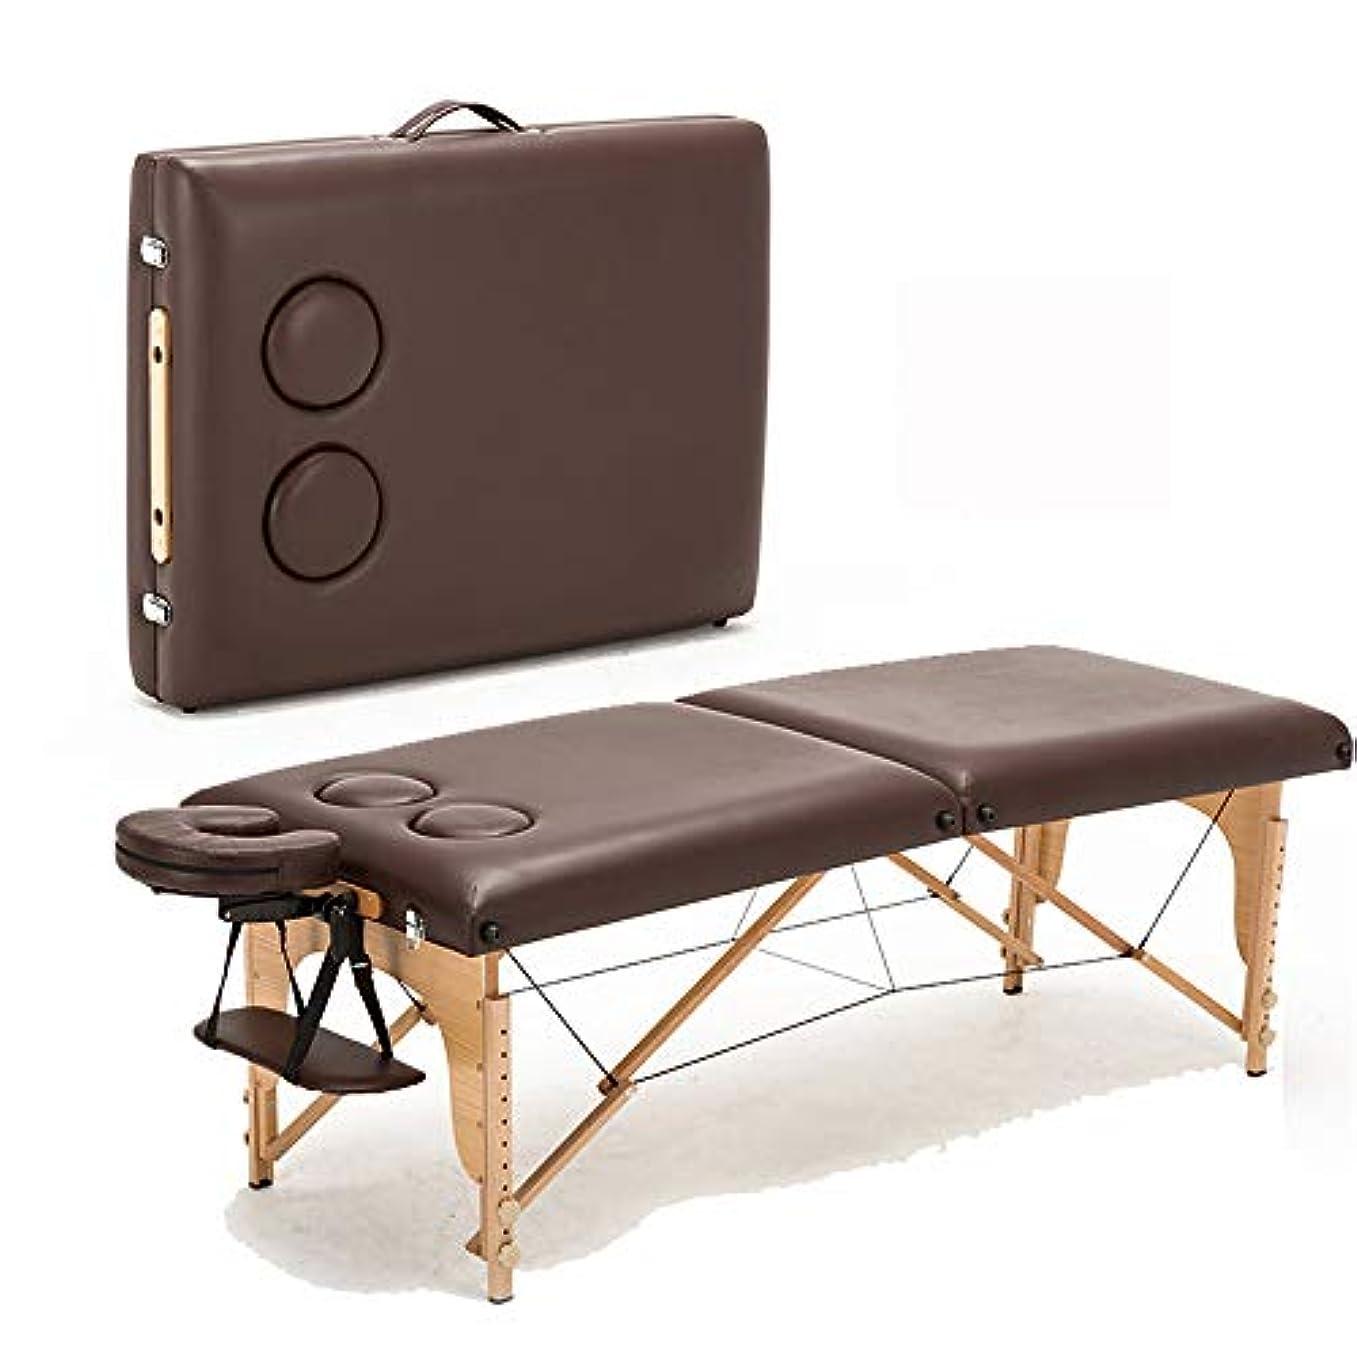 物理最近やろう妊娠中の女性のための胸のマッサージ表スパタトゥービューティー家具ポータブル折り畳み式のサロン乳促進マッサージベッド185 * 70 CM,ブラウン